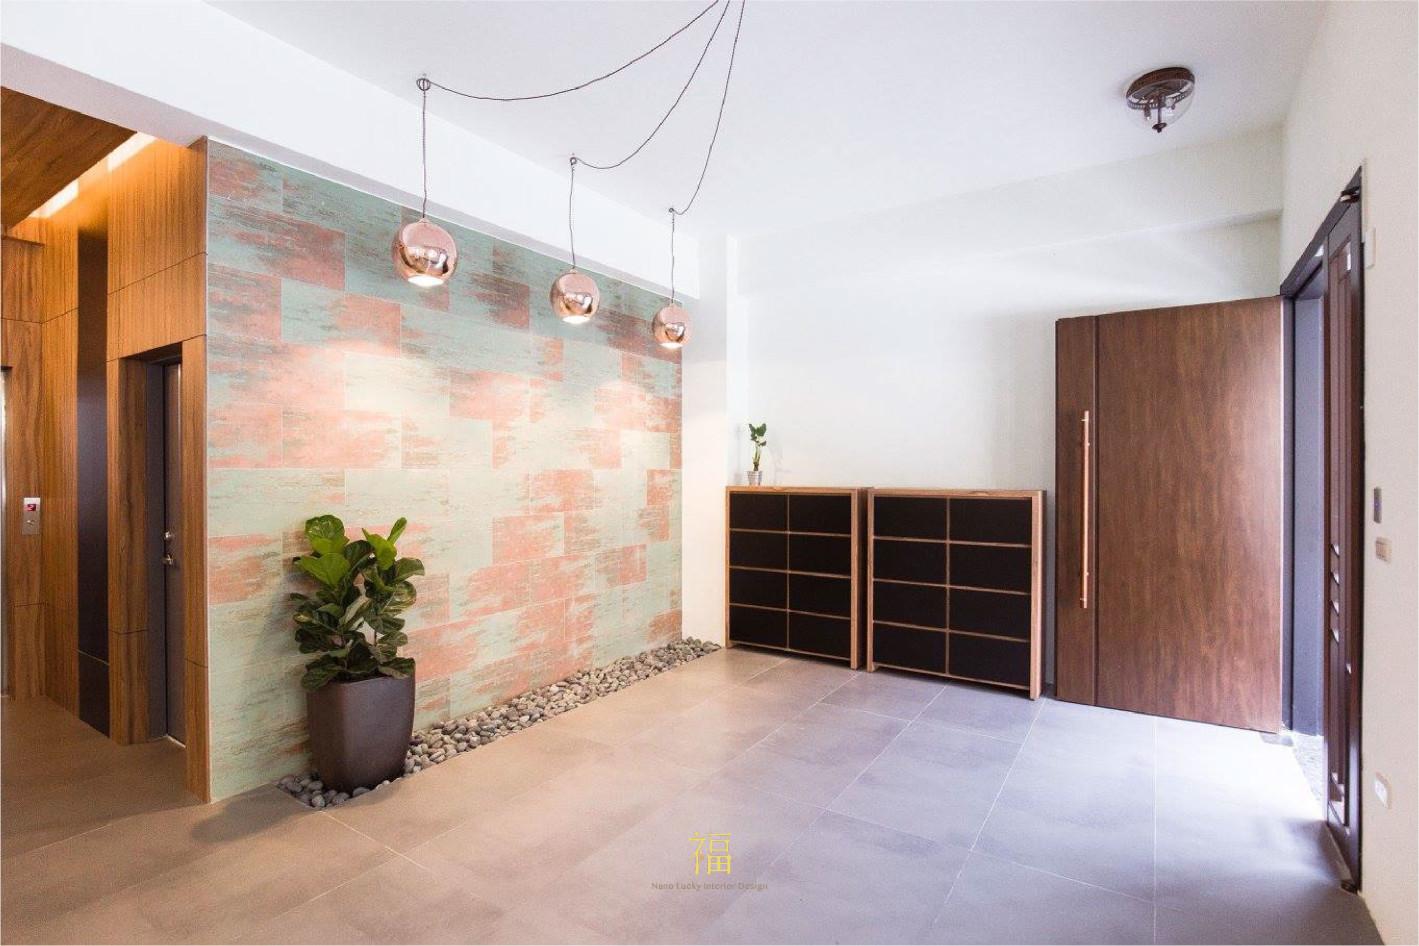 福櫻會館|玄關明亮寬敞|嘉義宿舍空間設計